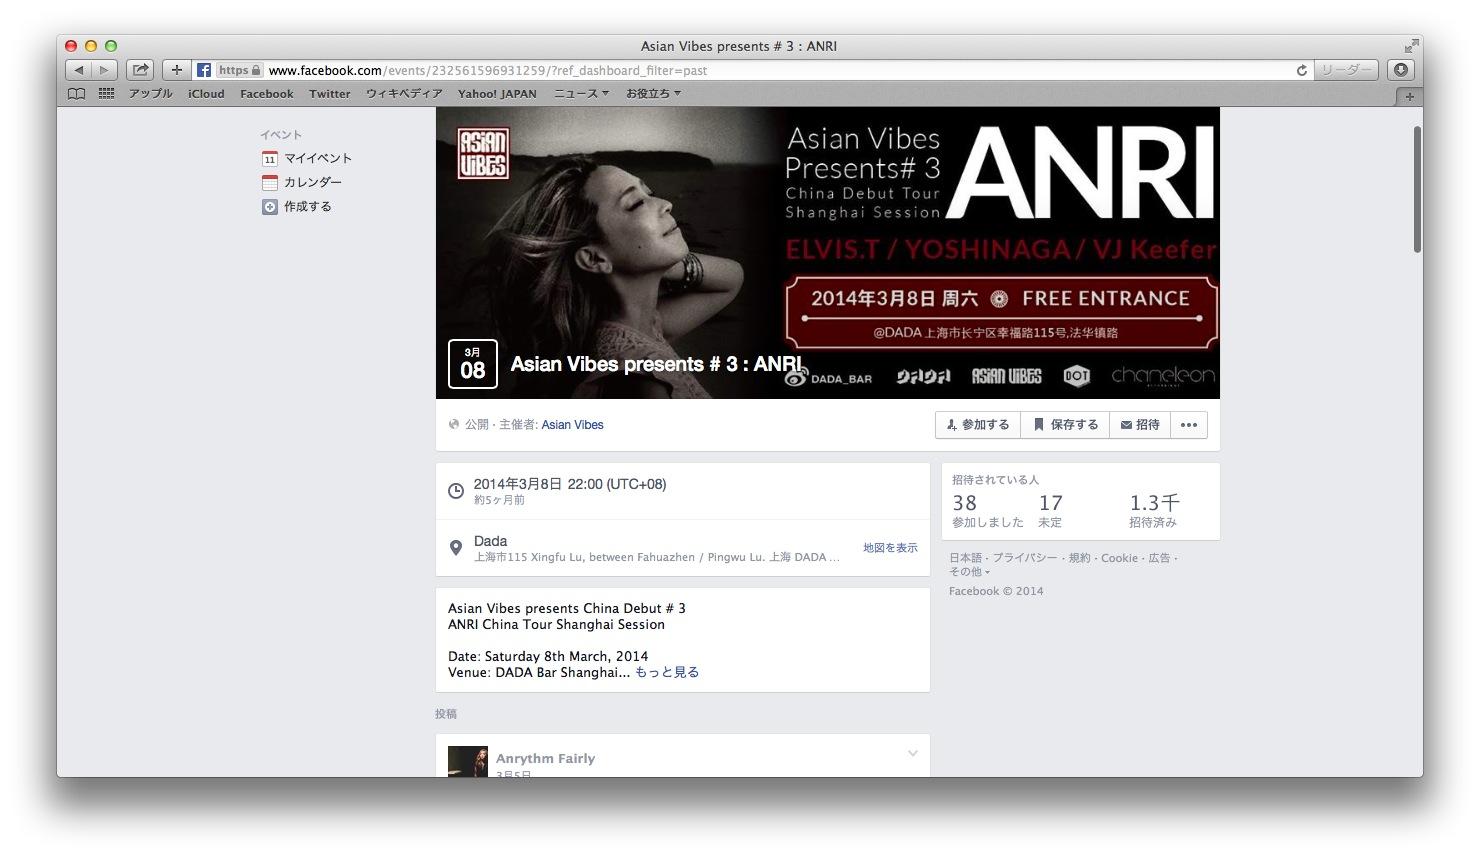 20140211Asiancives anri--FB